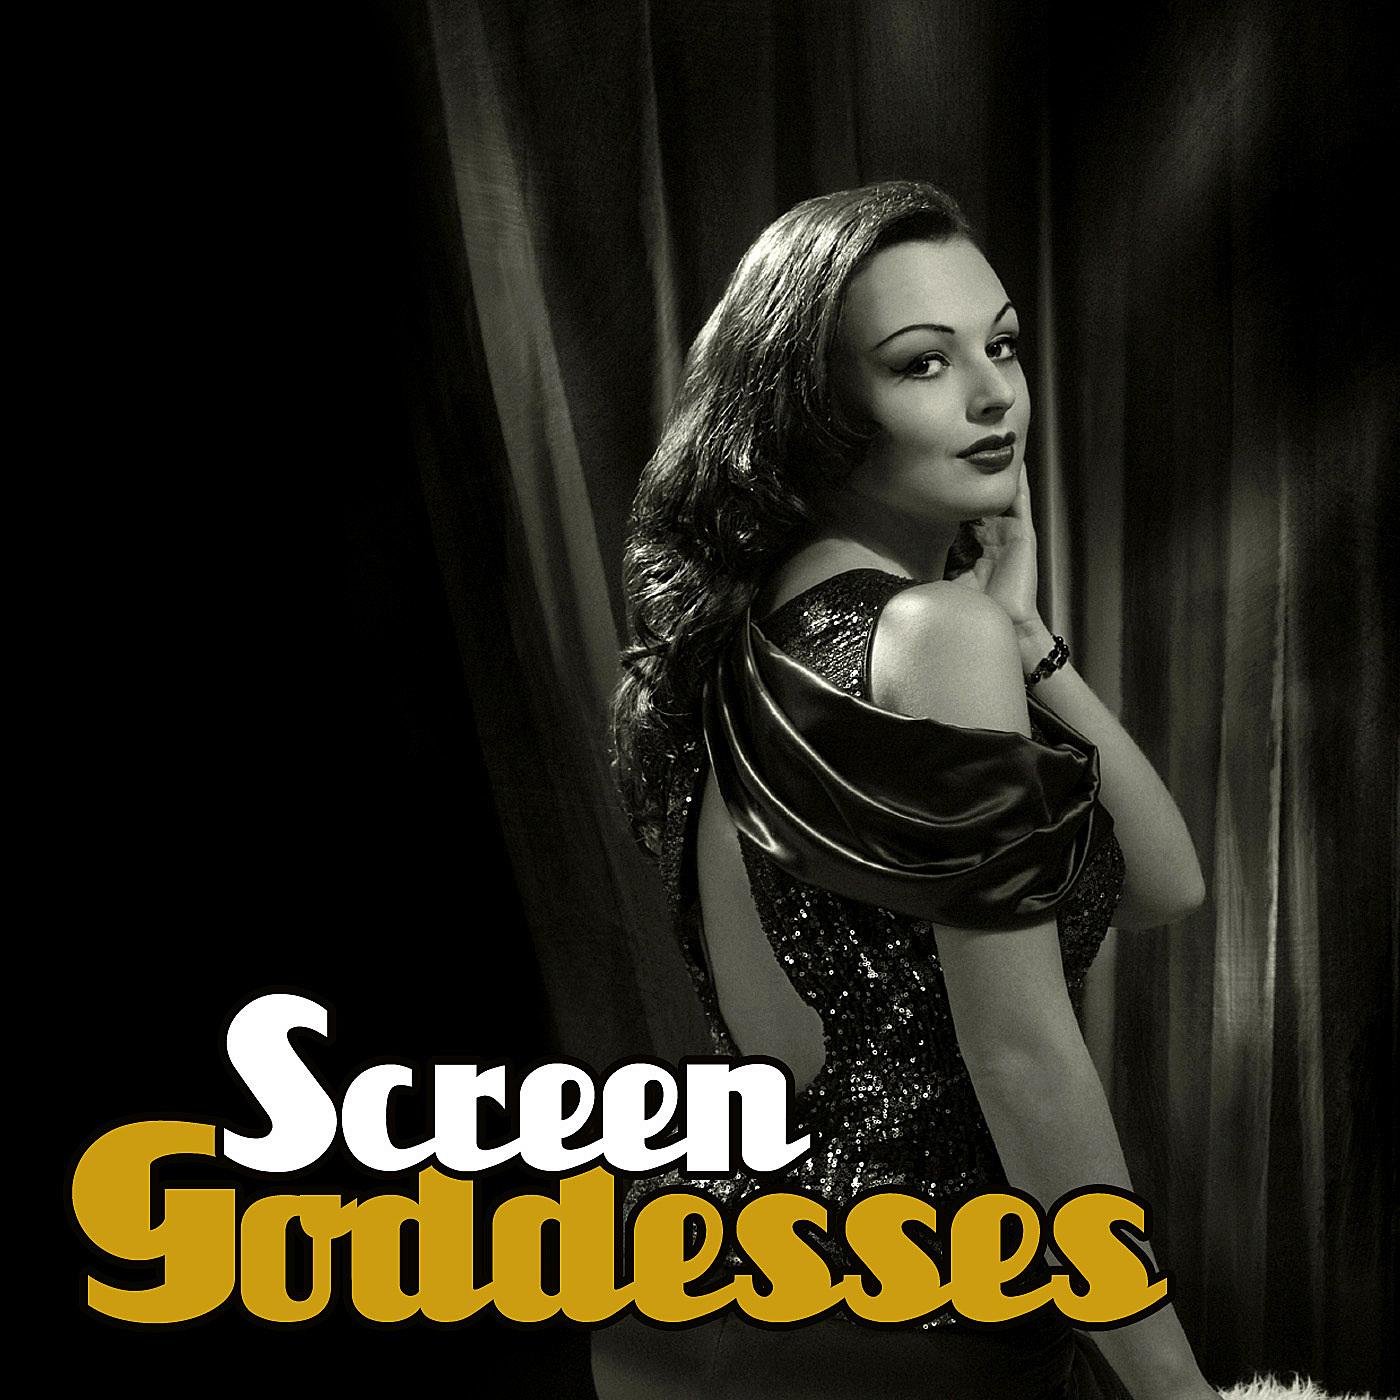 Screen Goddesses